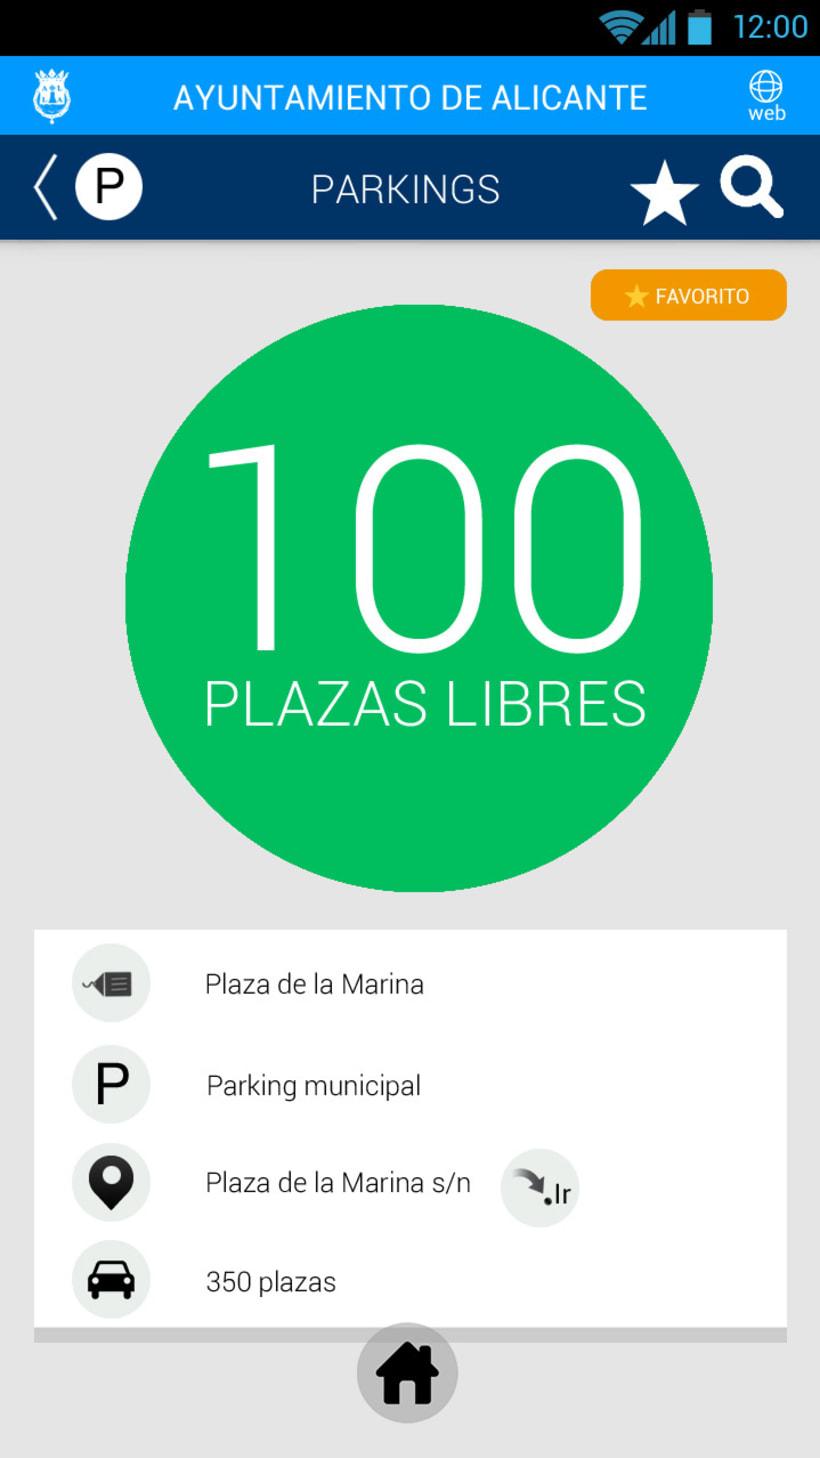 Tráfico de Alicante mobile app 5